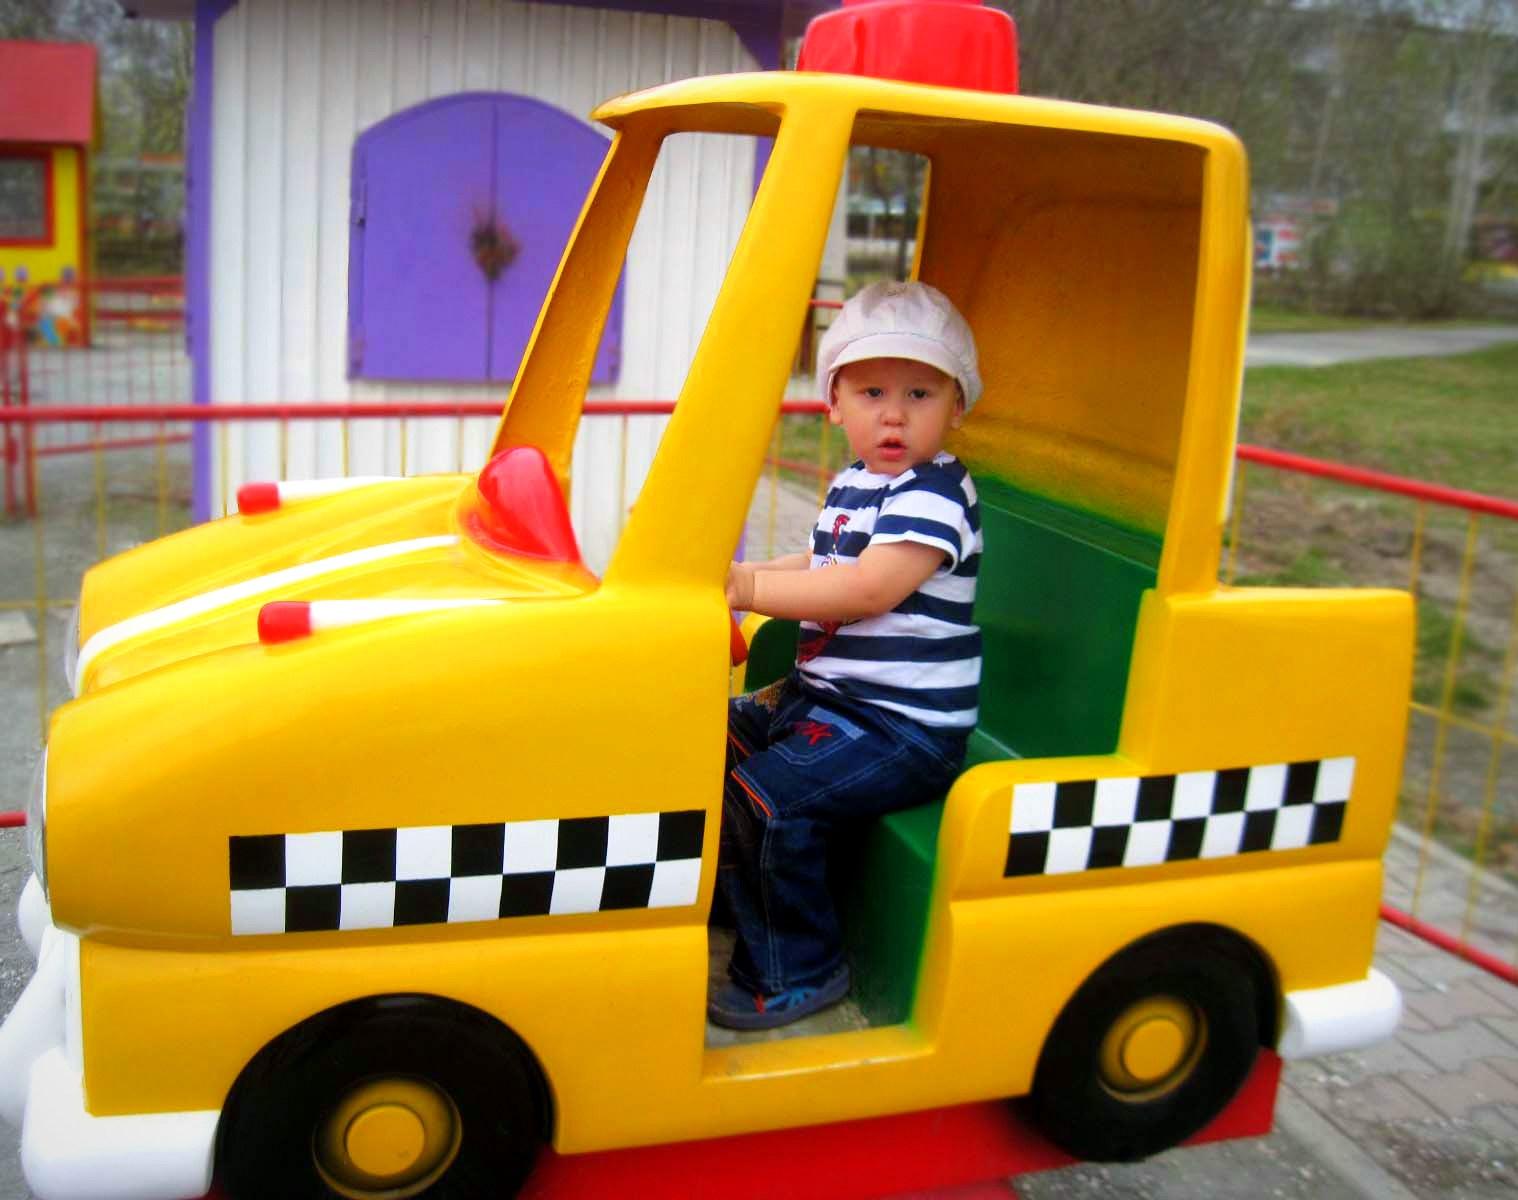 Юный таксист. Пора кататься!